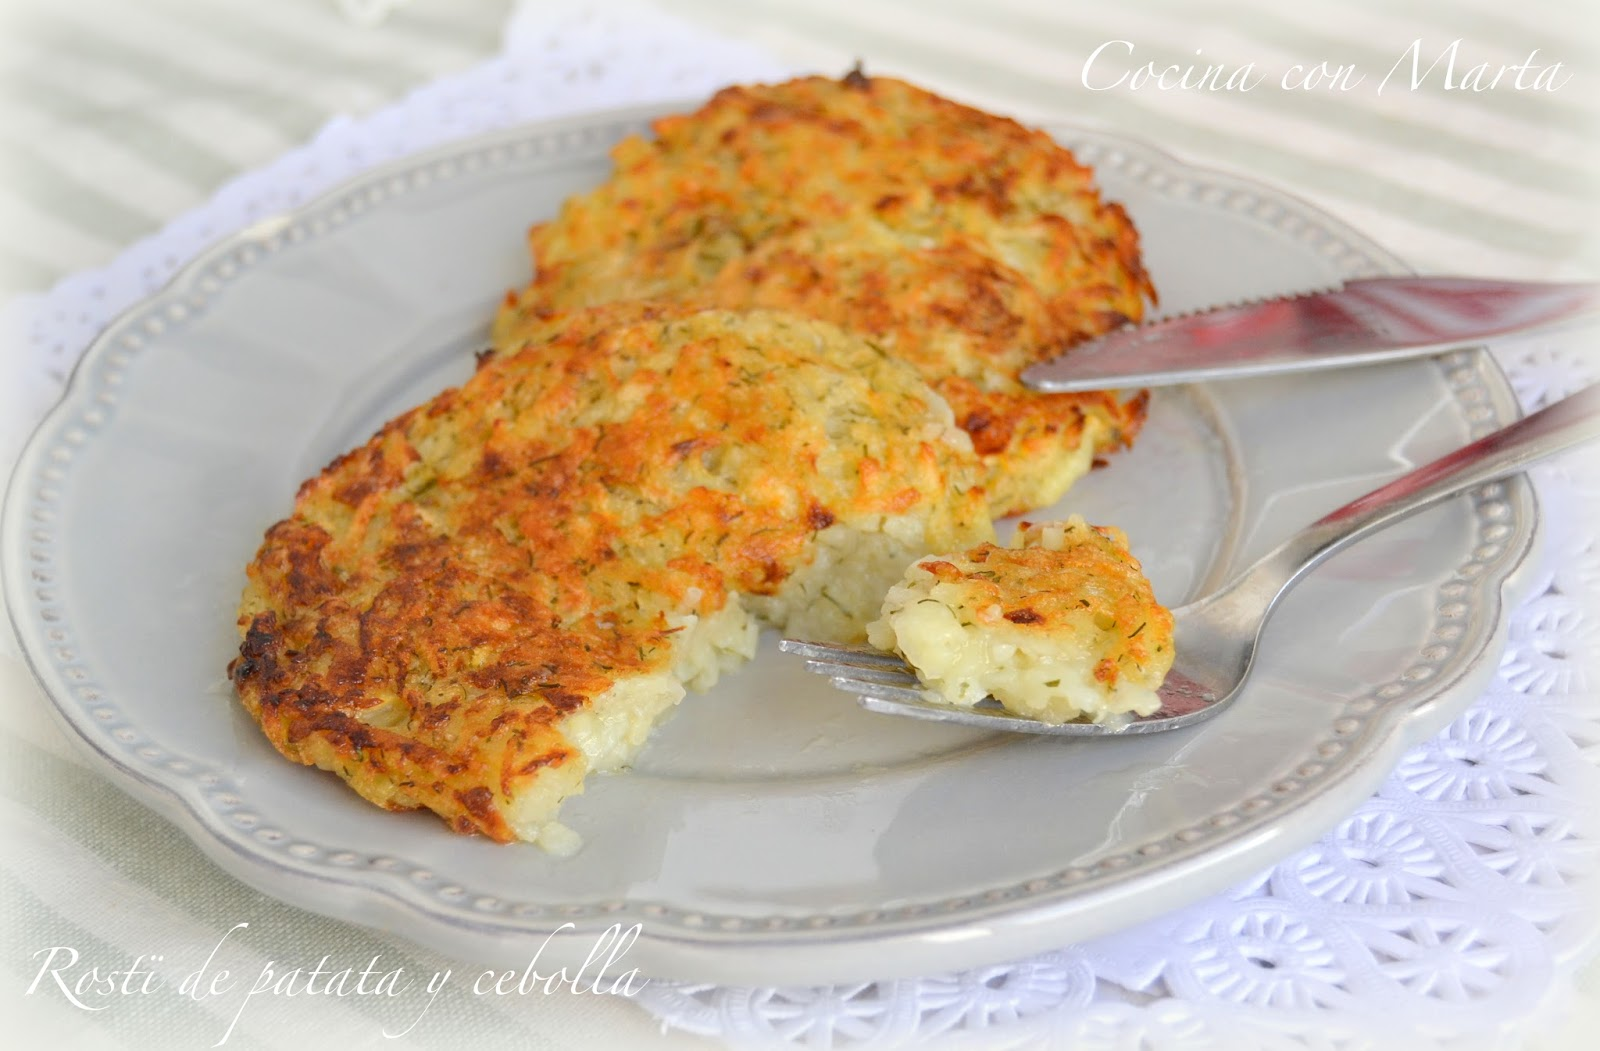 receta de patata